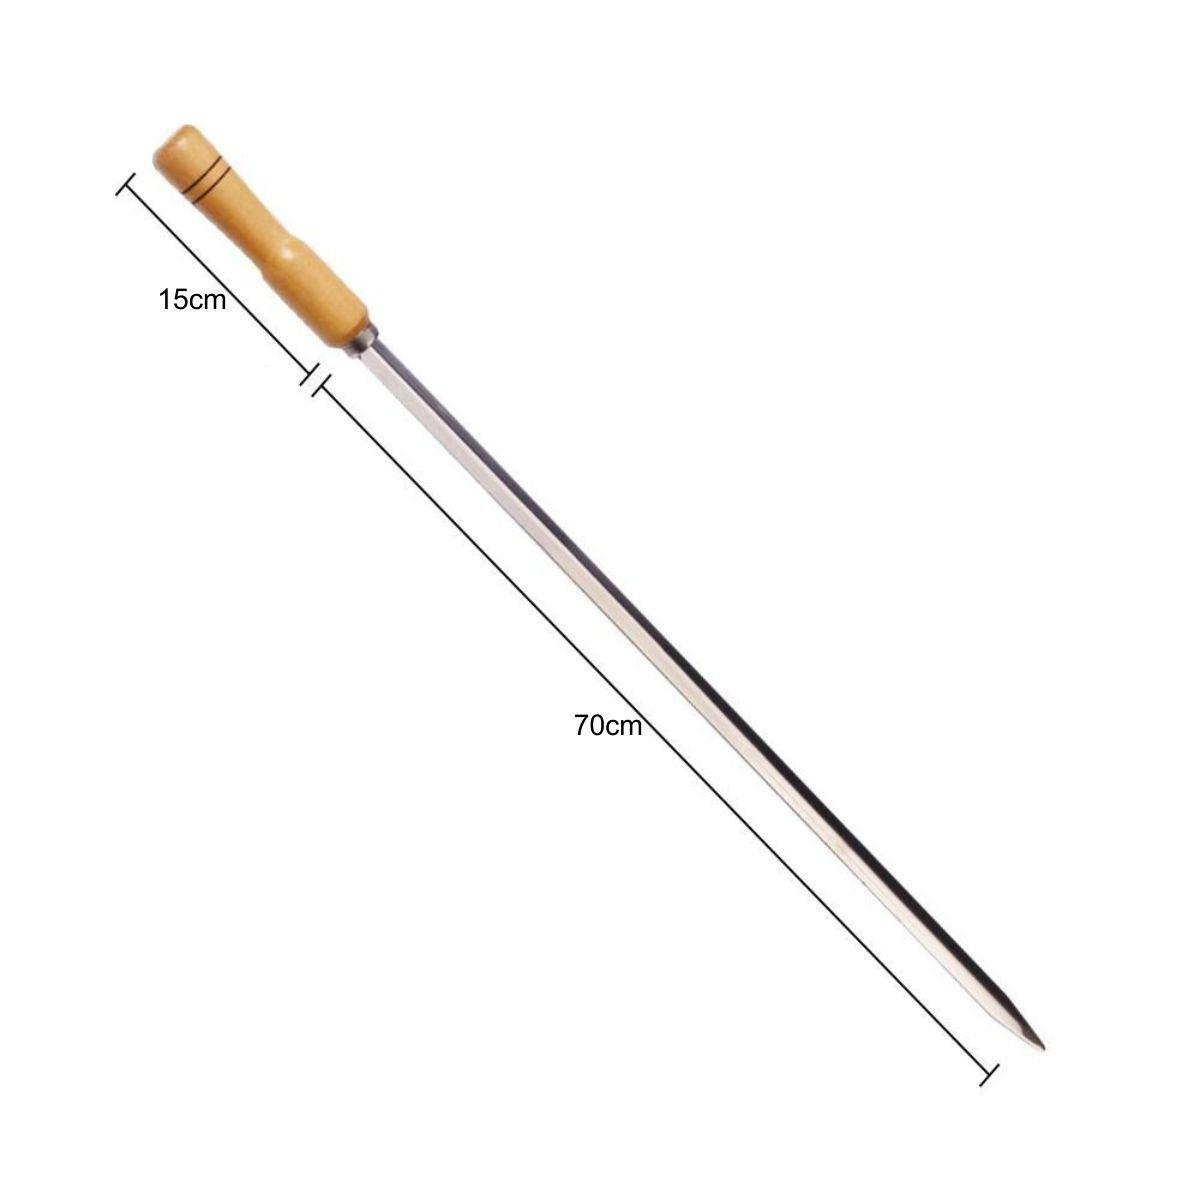 Conjunto 12 Espetos 70cm de Churrasco Aço Inox